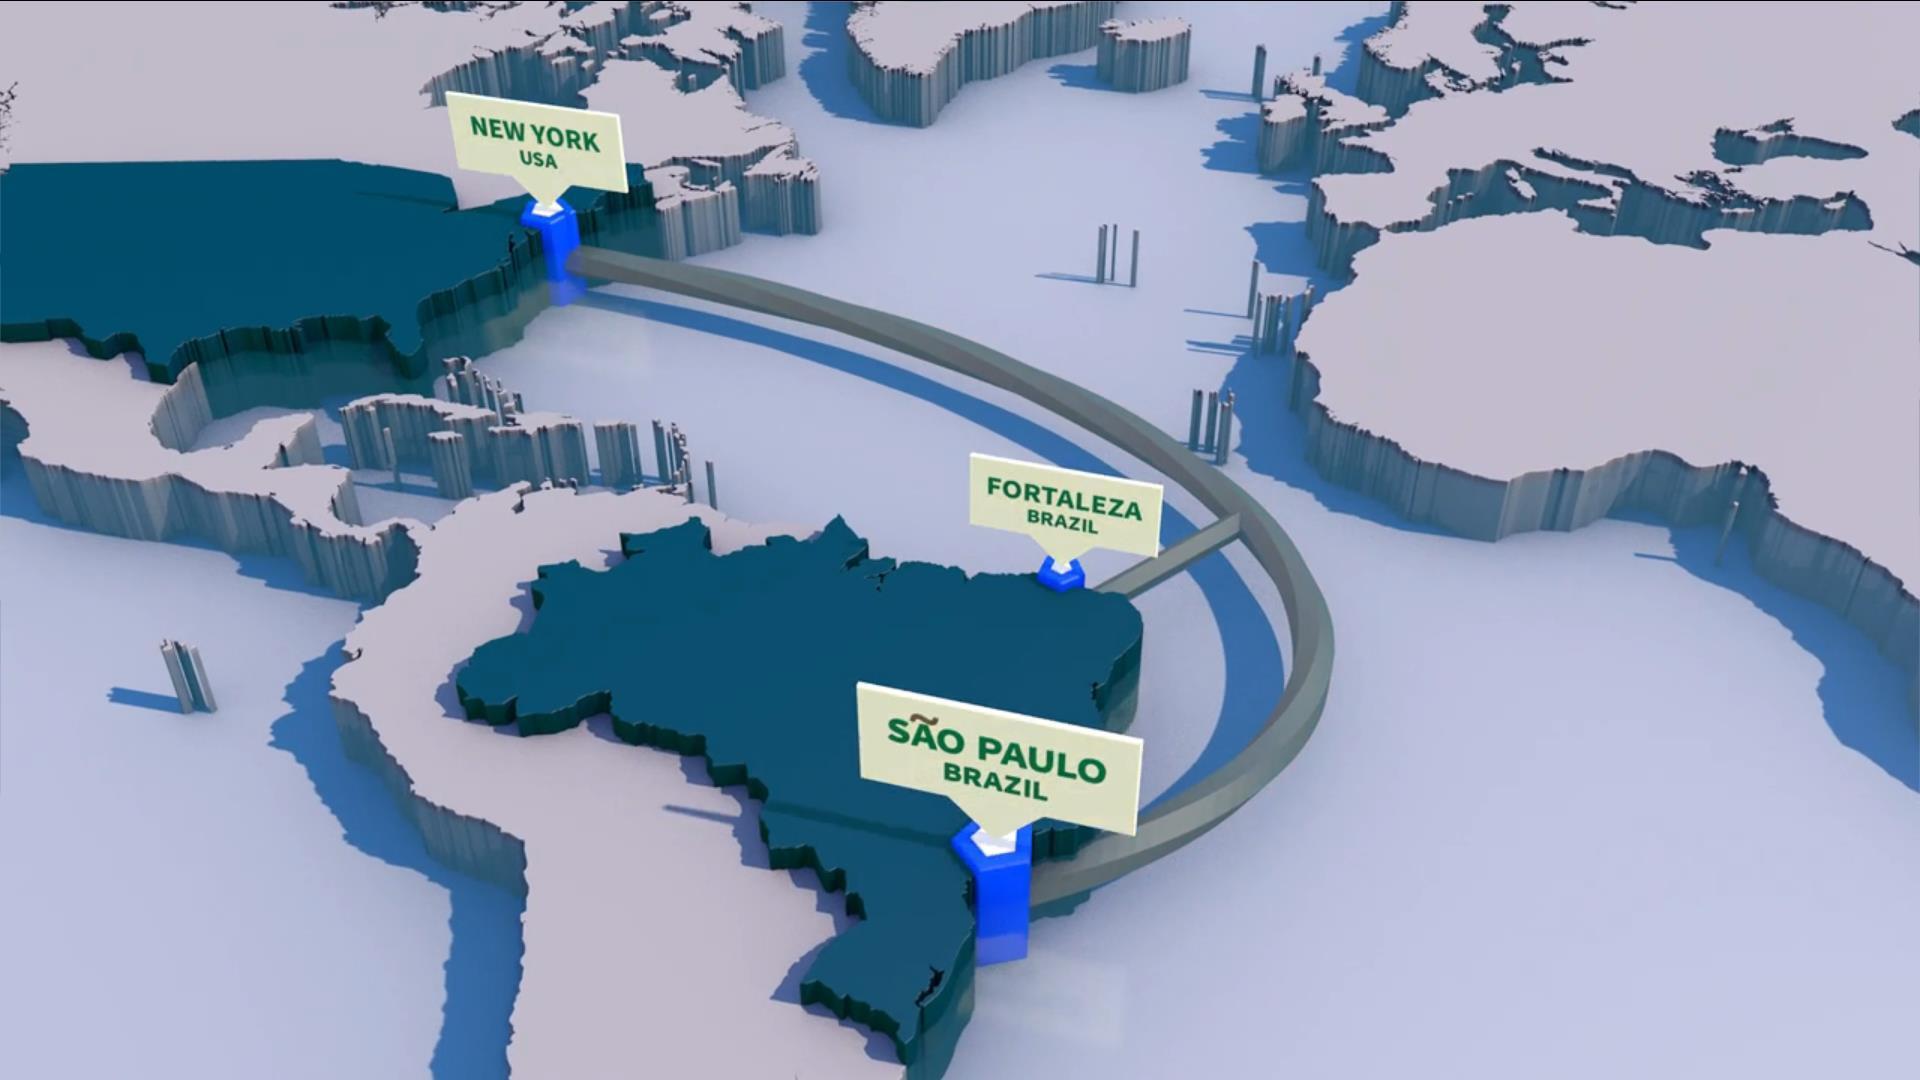 塔塔电信将接入Seabras-1海缆 进军拉美市场